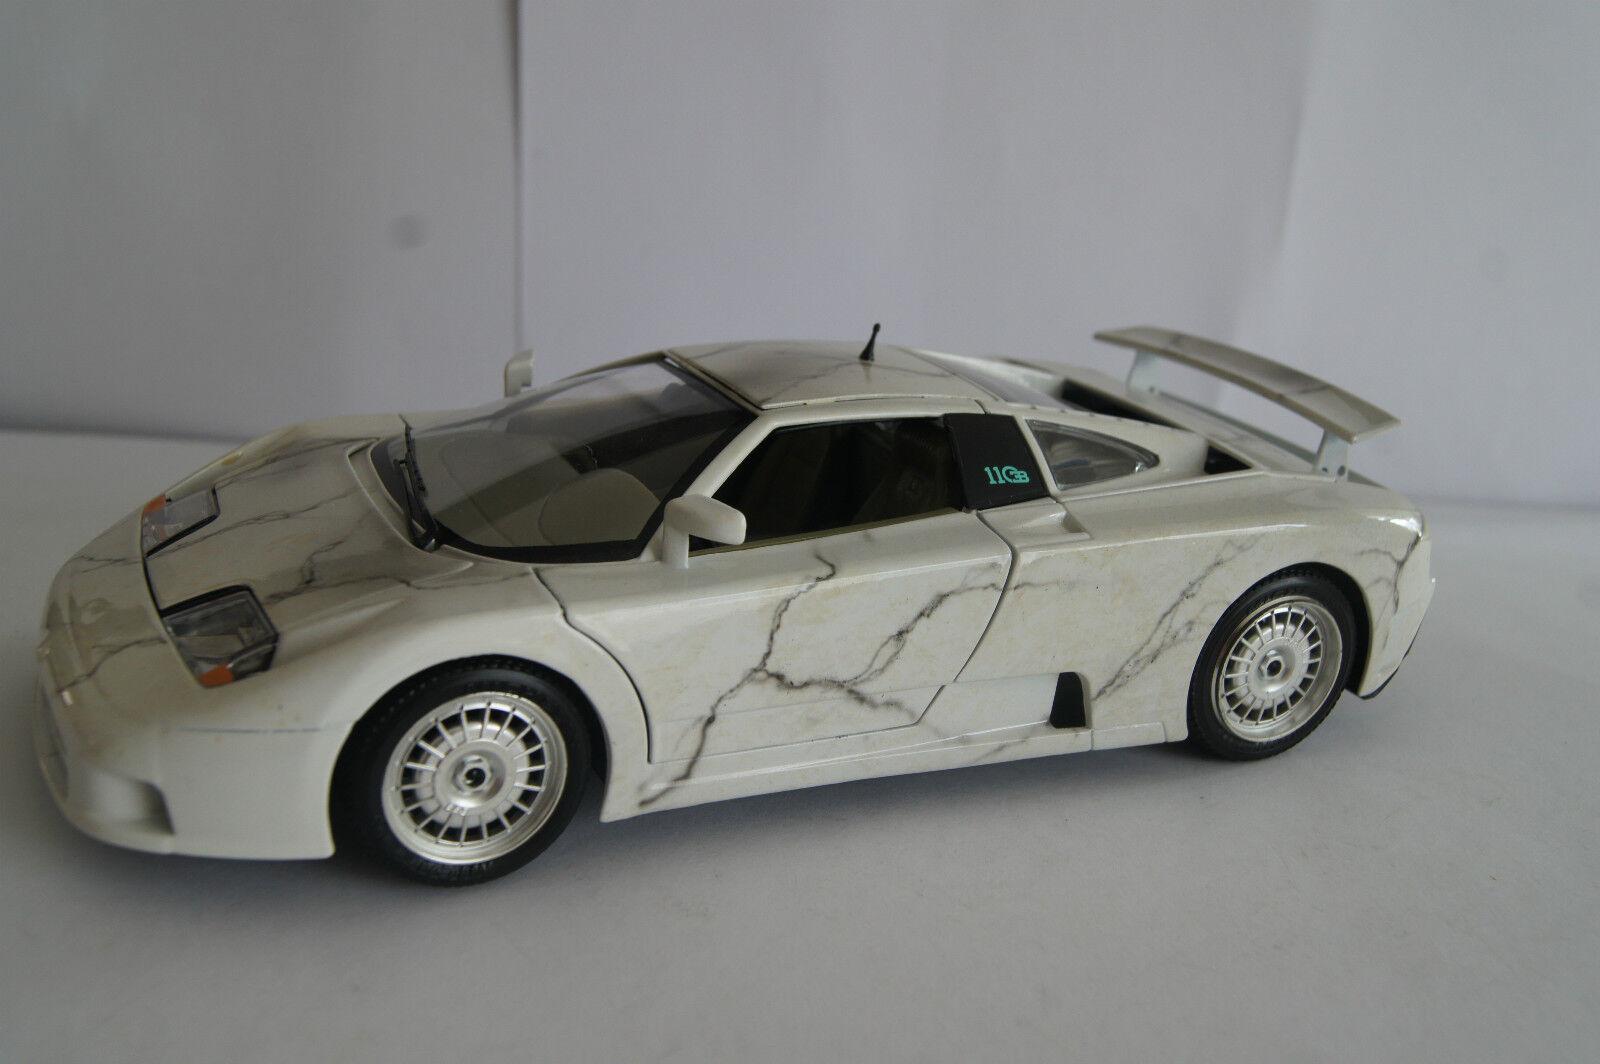 Modello di auto 1 18 Bugatti EB 110 BRACCIO & Götz marmo Motivo  in OVP